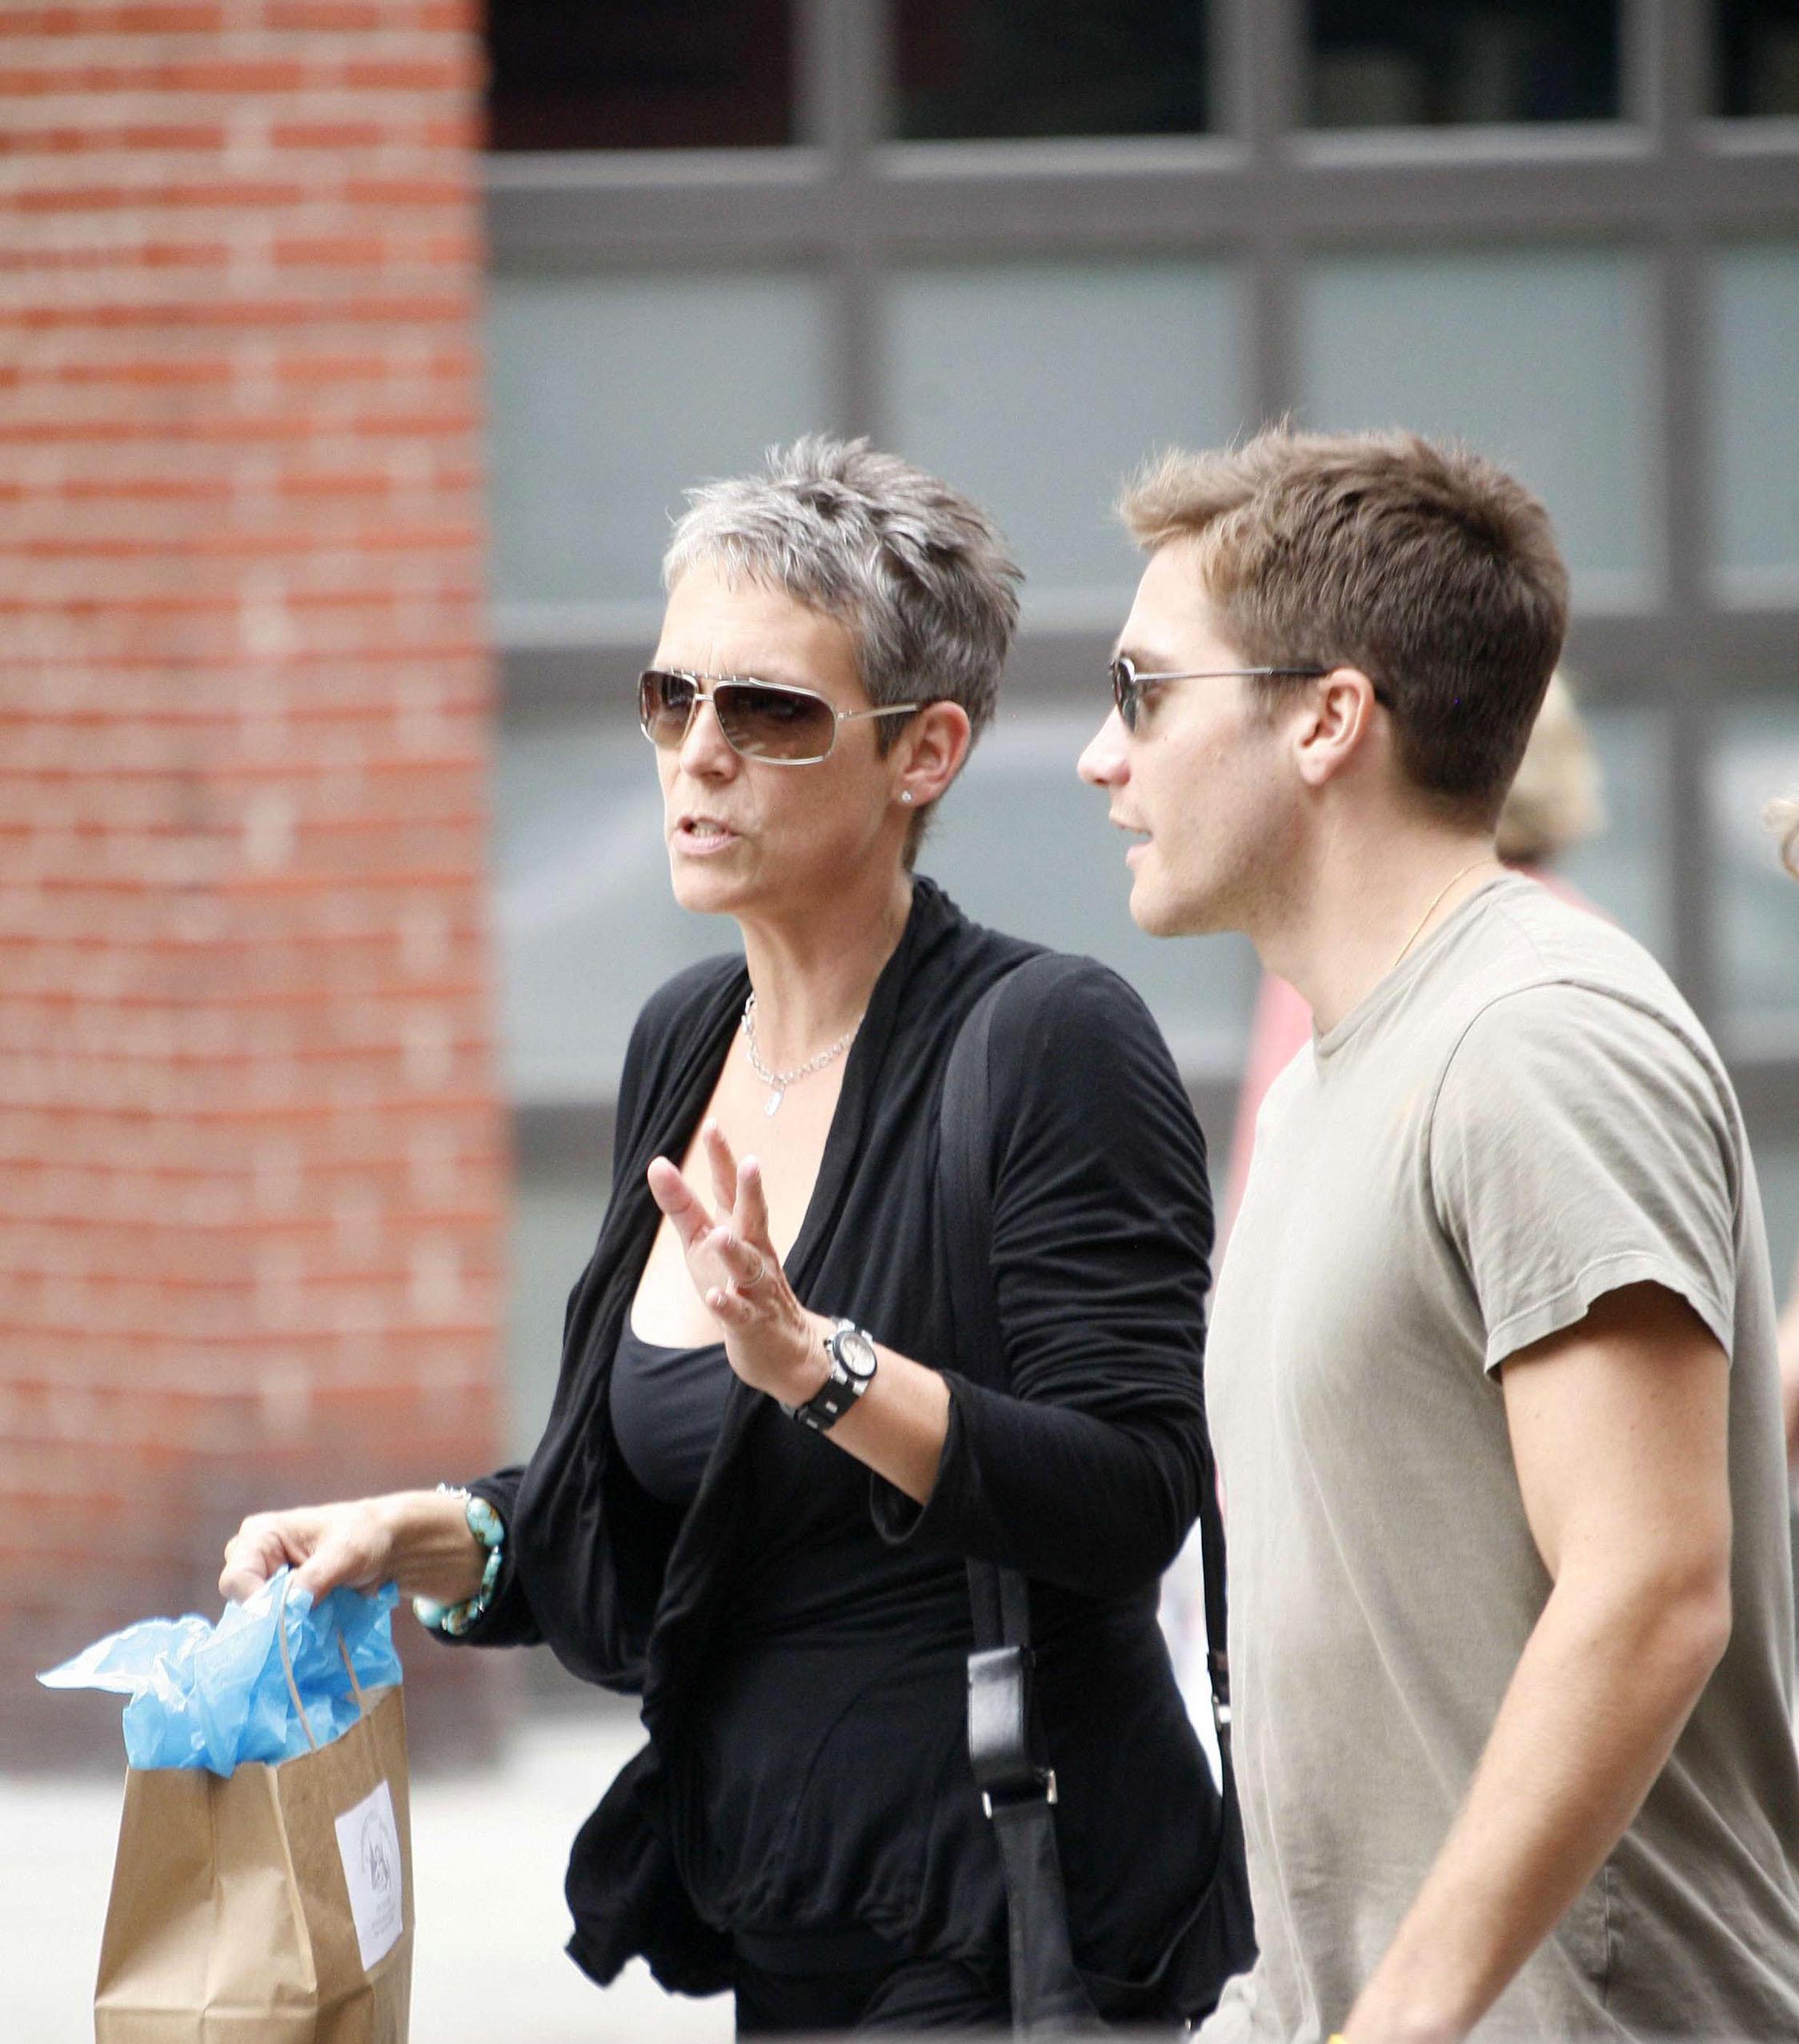 Jake Gyllenhaal and Jamie Lee Curtis Sighting in New York City - September 27, 2006